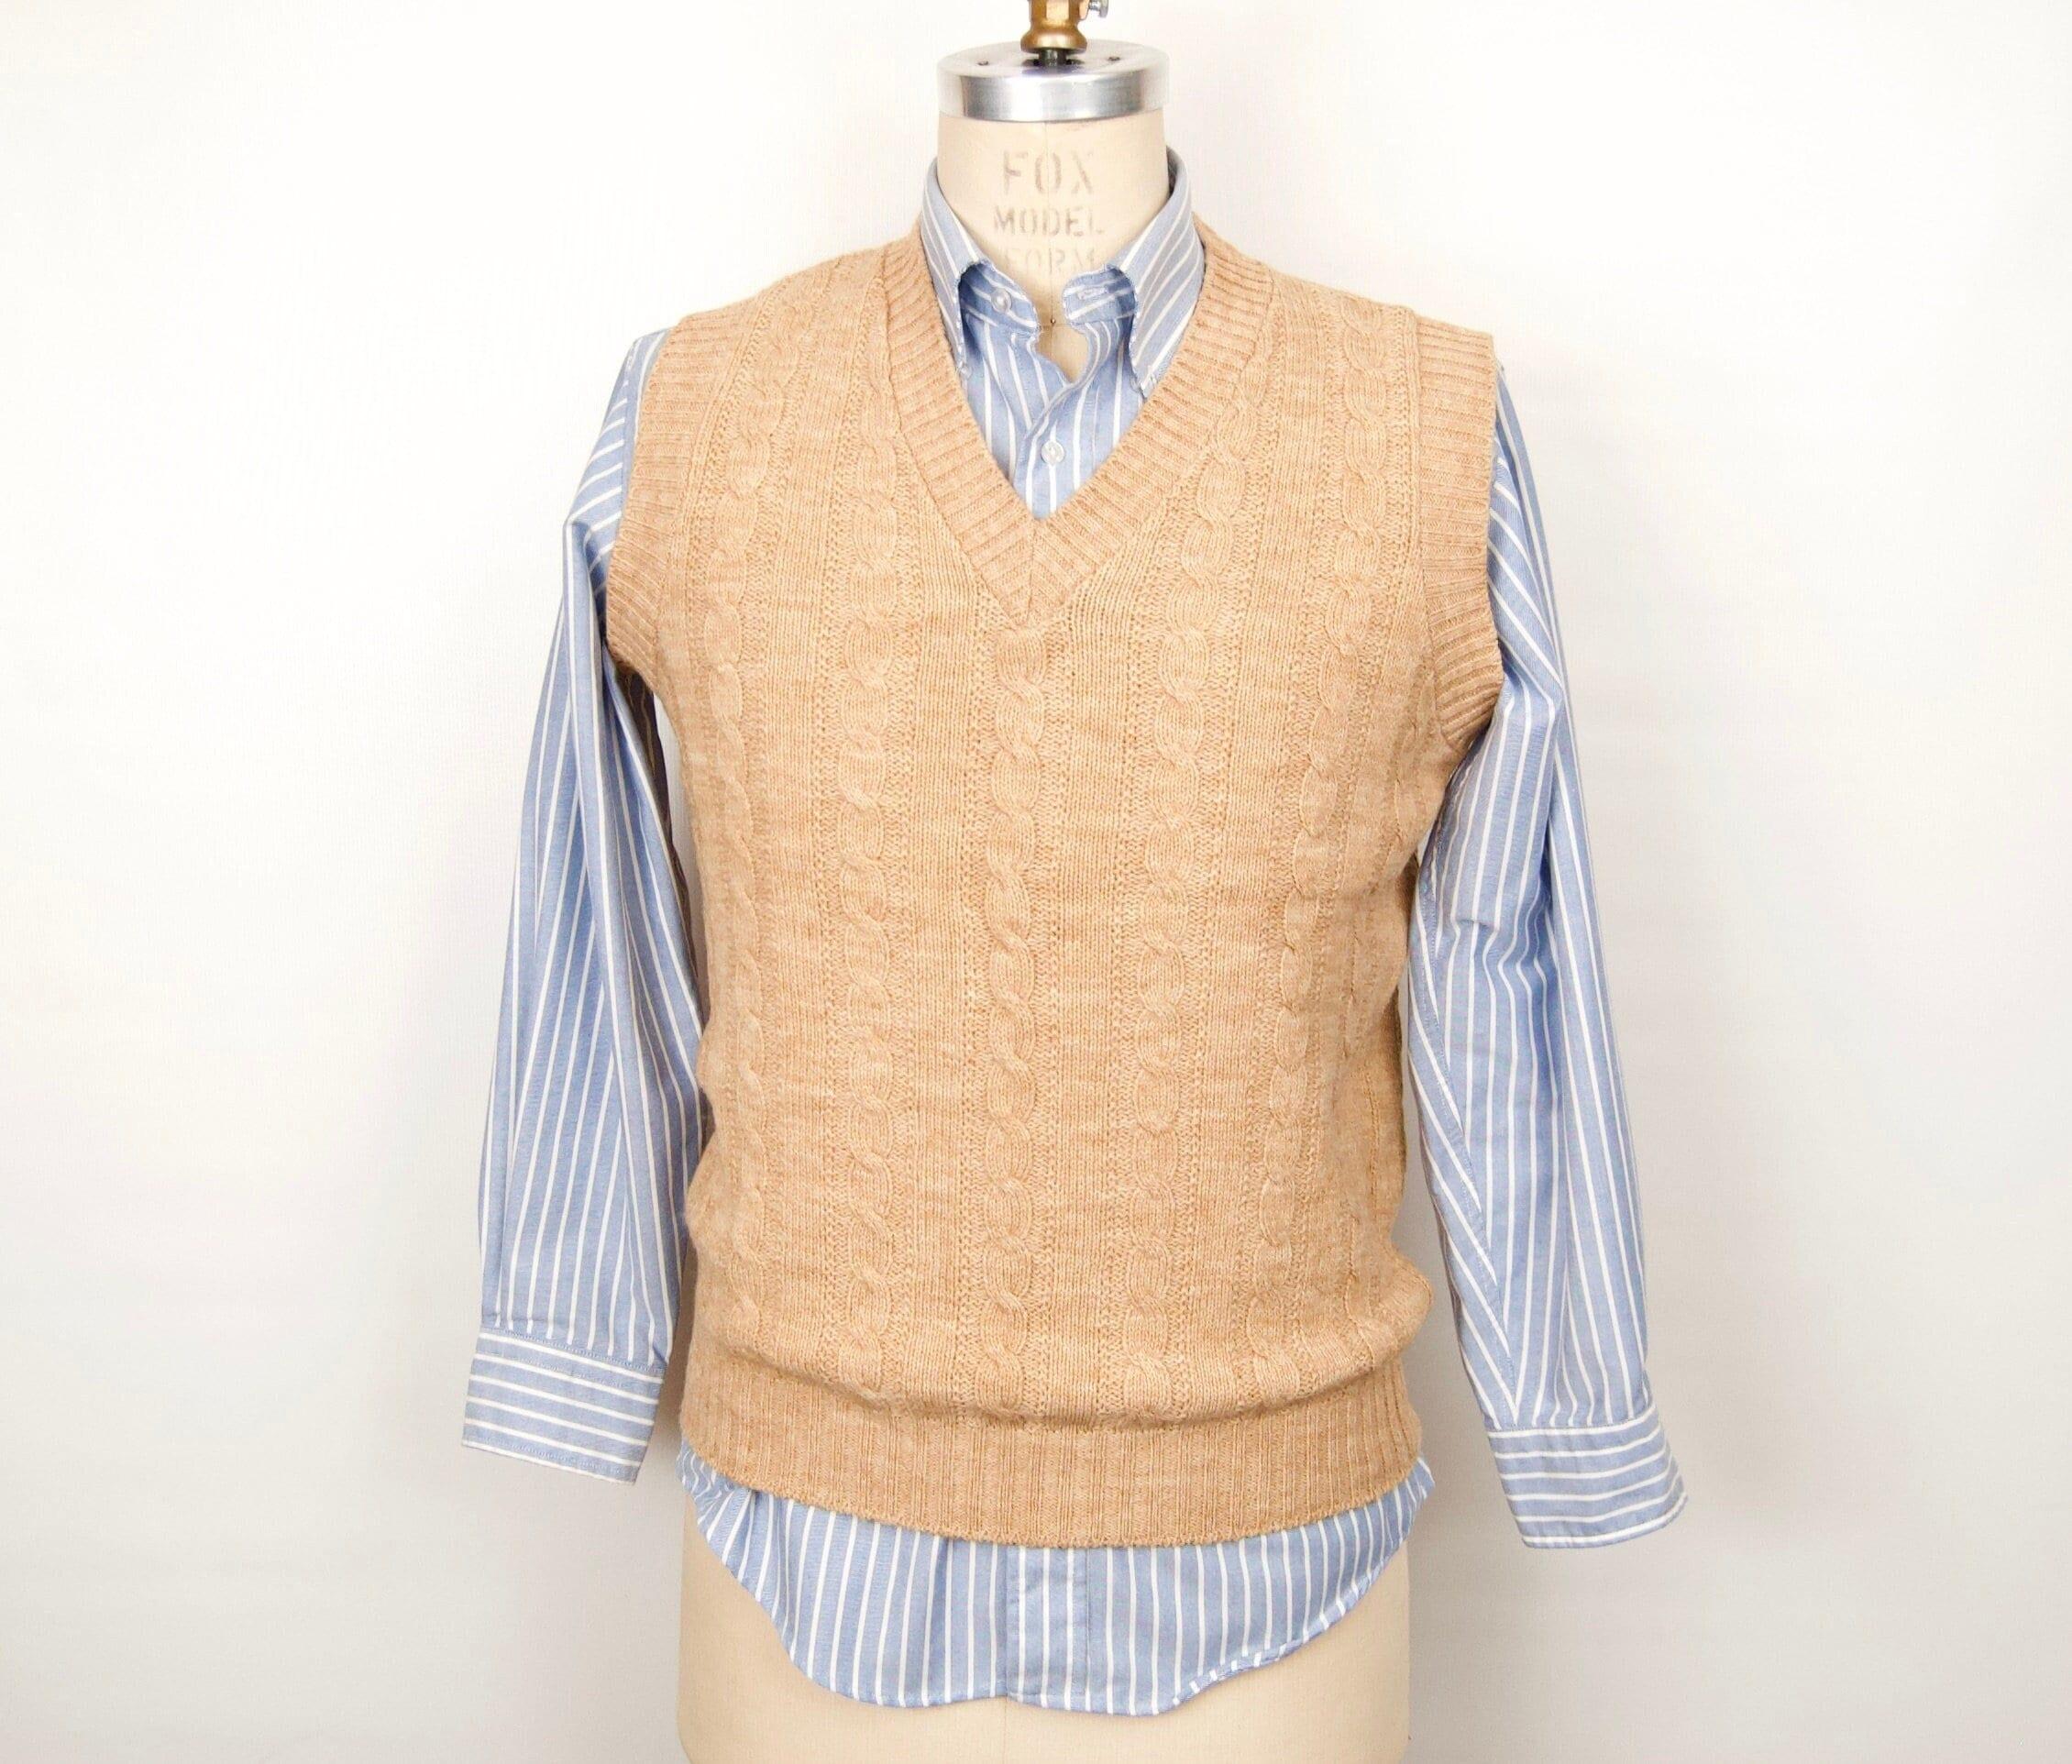 80s Sweatshirts, Sweaters, Vests | Women 1980S-70S Khaki Cable Knit Sweater VestVintage Light Tan Jantzen Mens Large $55.00 AT vintagedancer.com